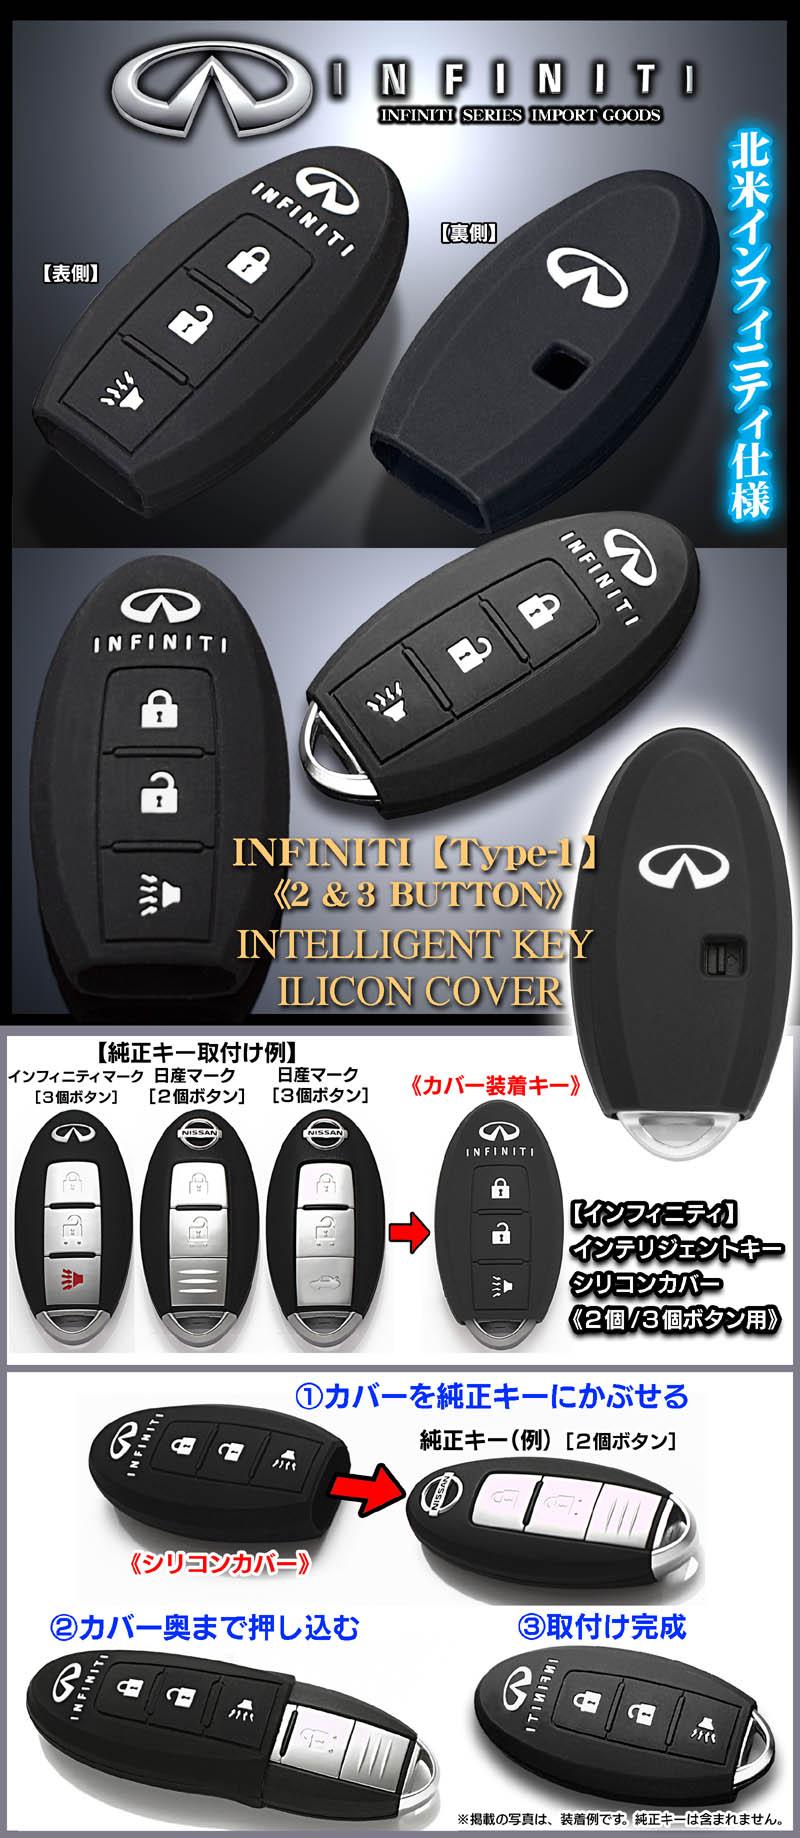 【日産インフィニティ汎用シリコン キーカバーT-1】インテリジェントキー/スマートキー/2個.3個ボタン共用/海外INFINITIショップ仕様社外品